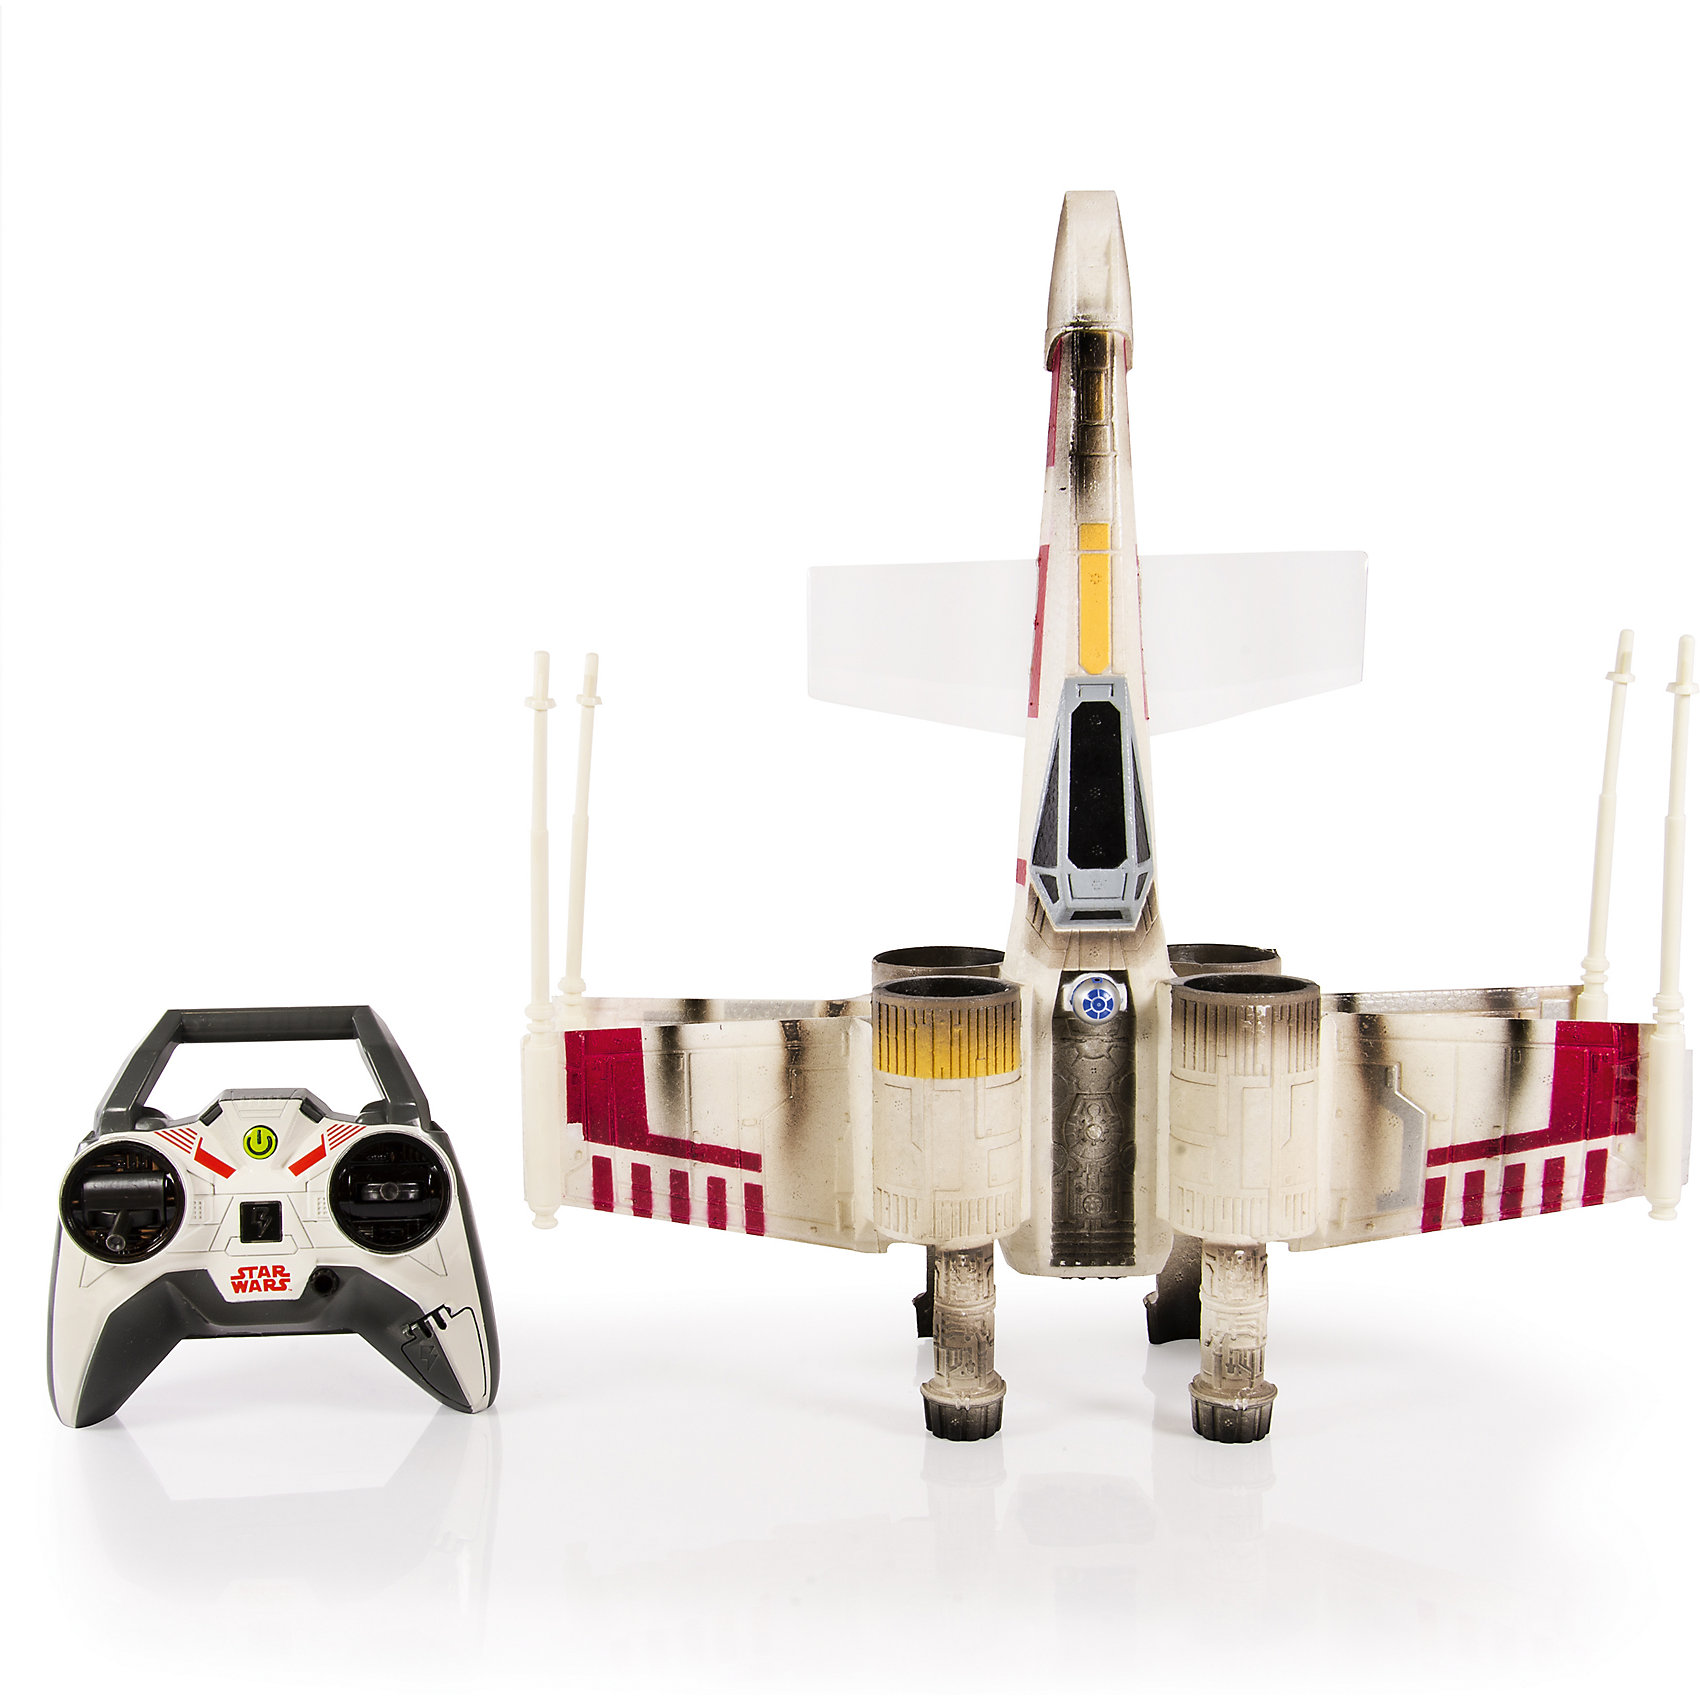 Звёздный истребитель, Air Hogs, Звёздные войныКоллекционные и игровые фигурки<br>Звёздный истребитель, Air Hogs, Звёздные войны – это знаменитый истребитель X-Wing из вселенной Звёздных войн.<br>Истребитель X-Wing, на котором Люк Скайуокер уничтожил Звезду Смерти - это идеальный баланс между скоростью, маневренностью и огневой мощью. Его радиоуправляемая модель вооружением похвастаться не может, но вот скорости и маневренности у нее - хоть отбавляй. Корпус игрушки изготовлен из пенопласта и ударопрочного пластика, что делает ее необычайно легкой и маневренной. Уникальной особенностью модели является то, что винты, поддерживающие истребитель в воздухе, спрятаны в корпусах турбин. Поэтому создаётся впечатление, что истребитель оснащён реактивной тягой. В модели установлен мощный передатчик, что позволяет управлять истребителем на дистанции до 100 метров.<br><br>Дополнительная информация:<br><br>- В наборе: истребитель, пульт<br>- Размер: 35-40 см.<br>- Батарейки: 6 х AA/LR6 1.5V (в комплект не входят)<br>- Материал: пенопласт, пластик, металл<br>- Дальность действия: 100 м.<br>- Частота р/у: 2.4 ГГц.<br>- Размер упаковки: 46 х 38 х 15 см.<br>- Вес: 1320 гр.<br><br>Звёздный истребитель, Air Hogs, Звёздные войны можно купить в нашем интернет-магазине.<br><br>Ширина мм: 460<br>Глубина мм: 380<br>Высота мм: 150<br>Вес г: 1320<br>Возраст от месяцев: 72<br>Возраст до месяцев: 144<br>Пол: Мужской<br>Возраст: Детский<br>SKU: 4401542